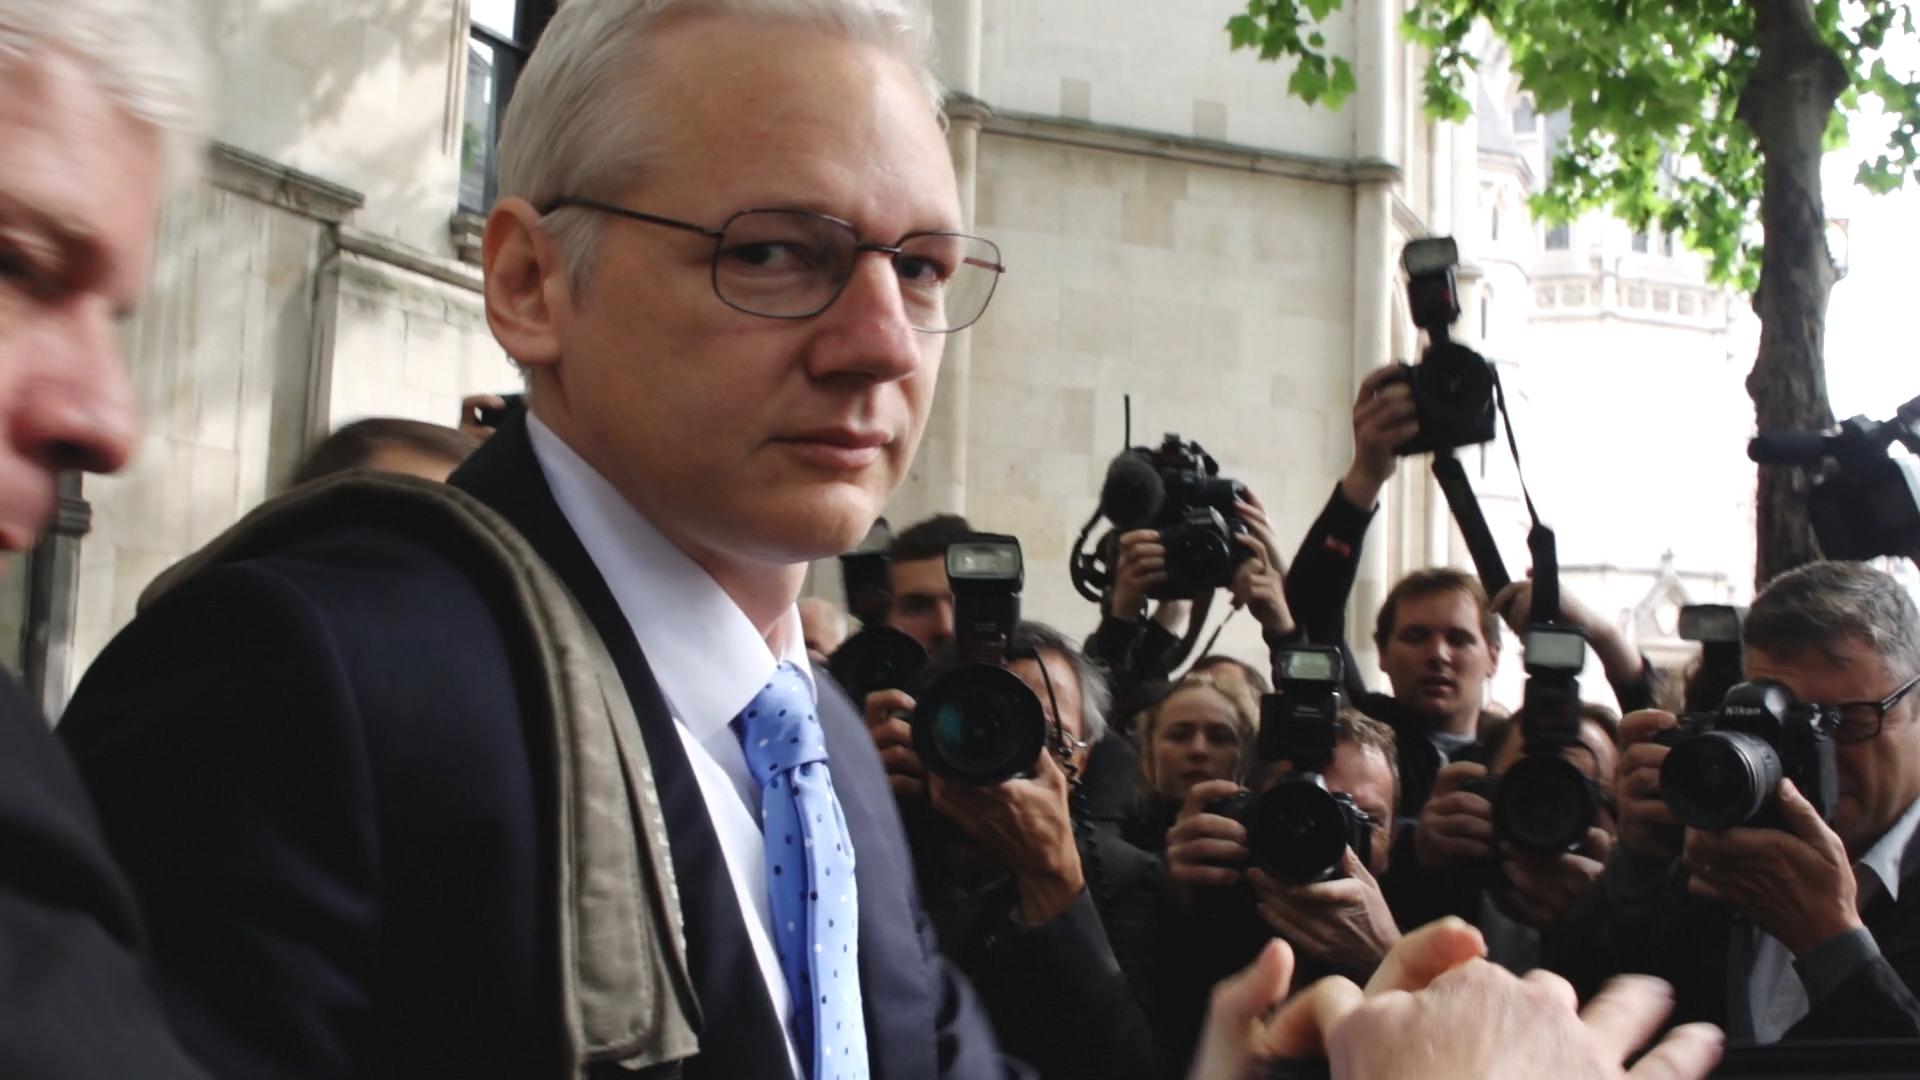 Julian Assange, niente estradizione negli Stati Uniti